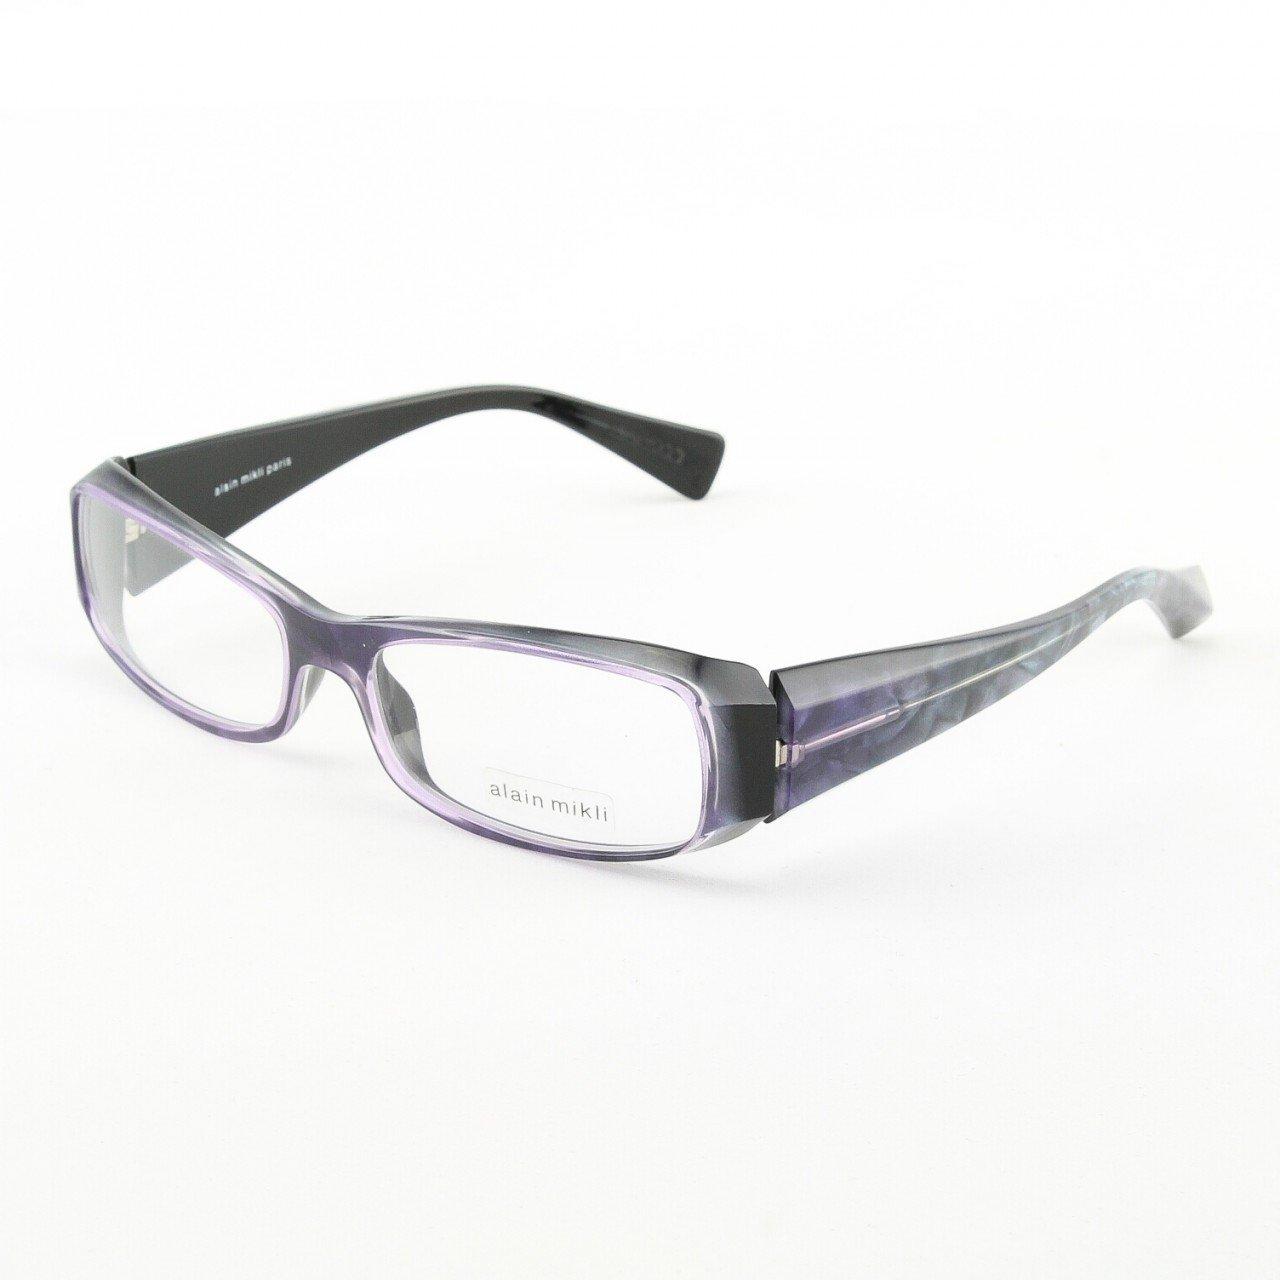 Alain Mikli Eyeglasses AL0322 Col. 34 Pearlized Purple